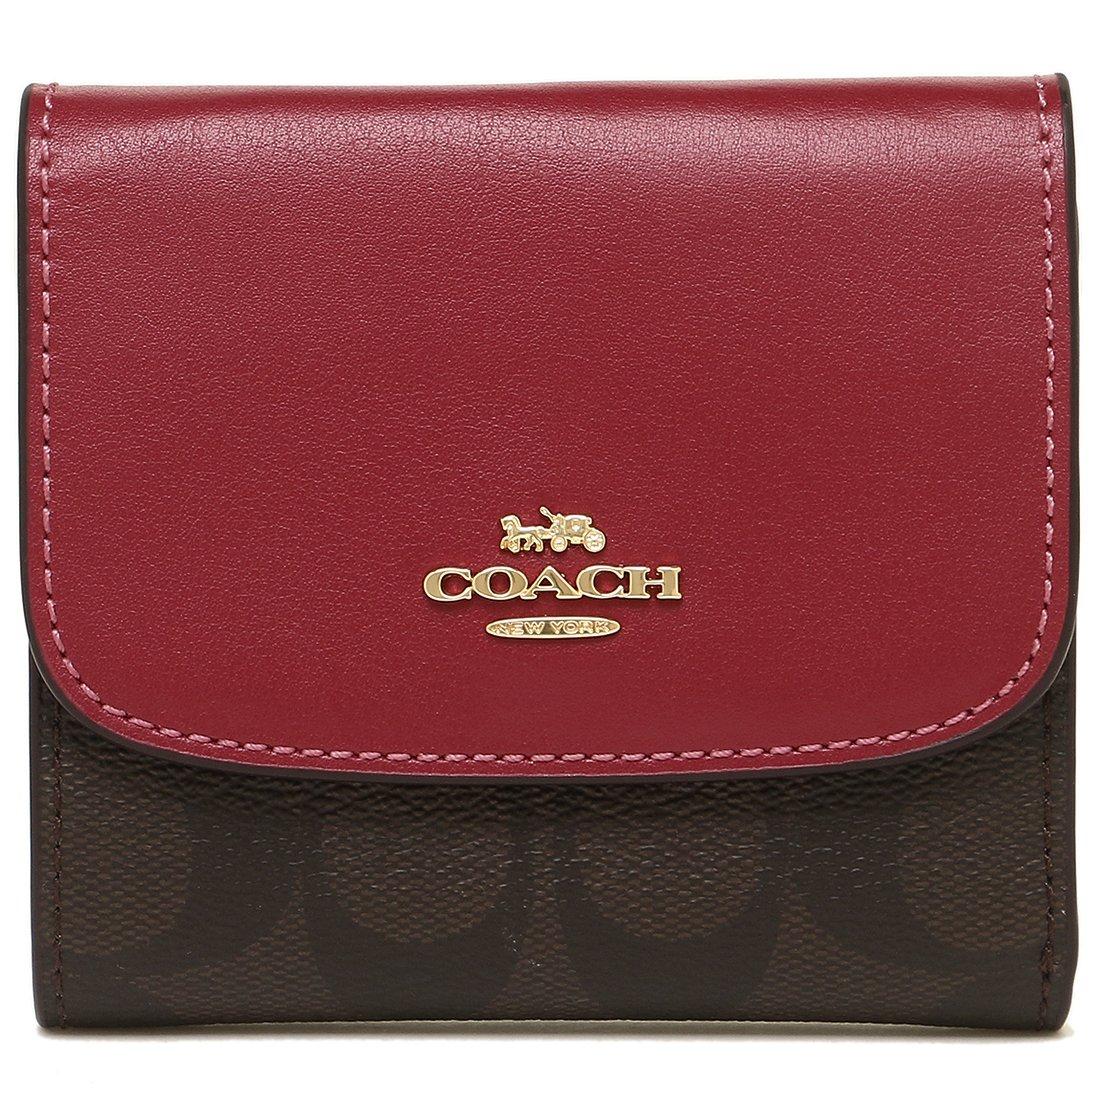 [コーチ] COACH 財布 (三つ折り財布) F87589 シグネチャー 三つ折り財布 レディース [アウトレット品] [並行輸入品] B07FS9BVFC (3)IMNM4 ブラウン/ホットピンク (3)IMNM4 ブラウン/ホットピンク